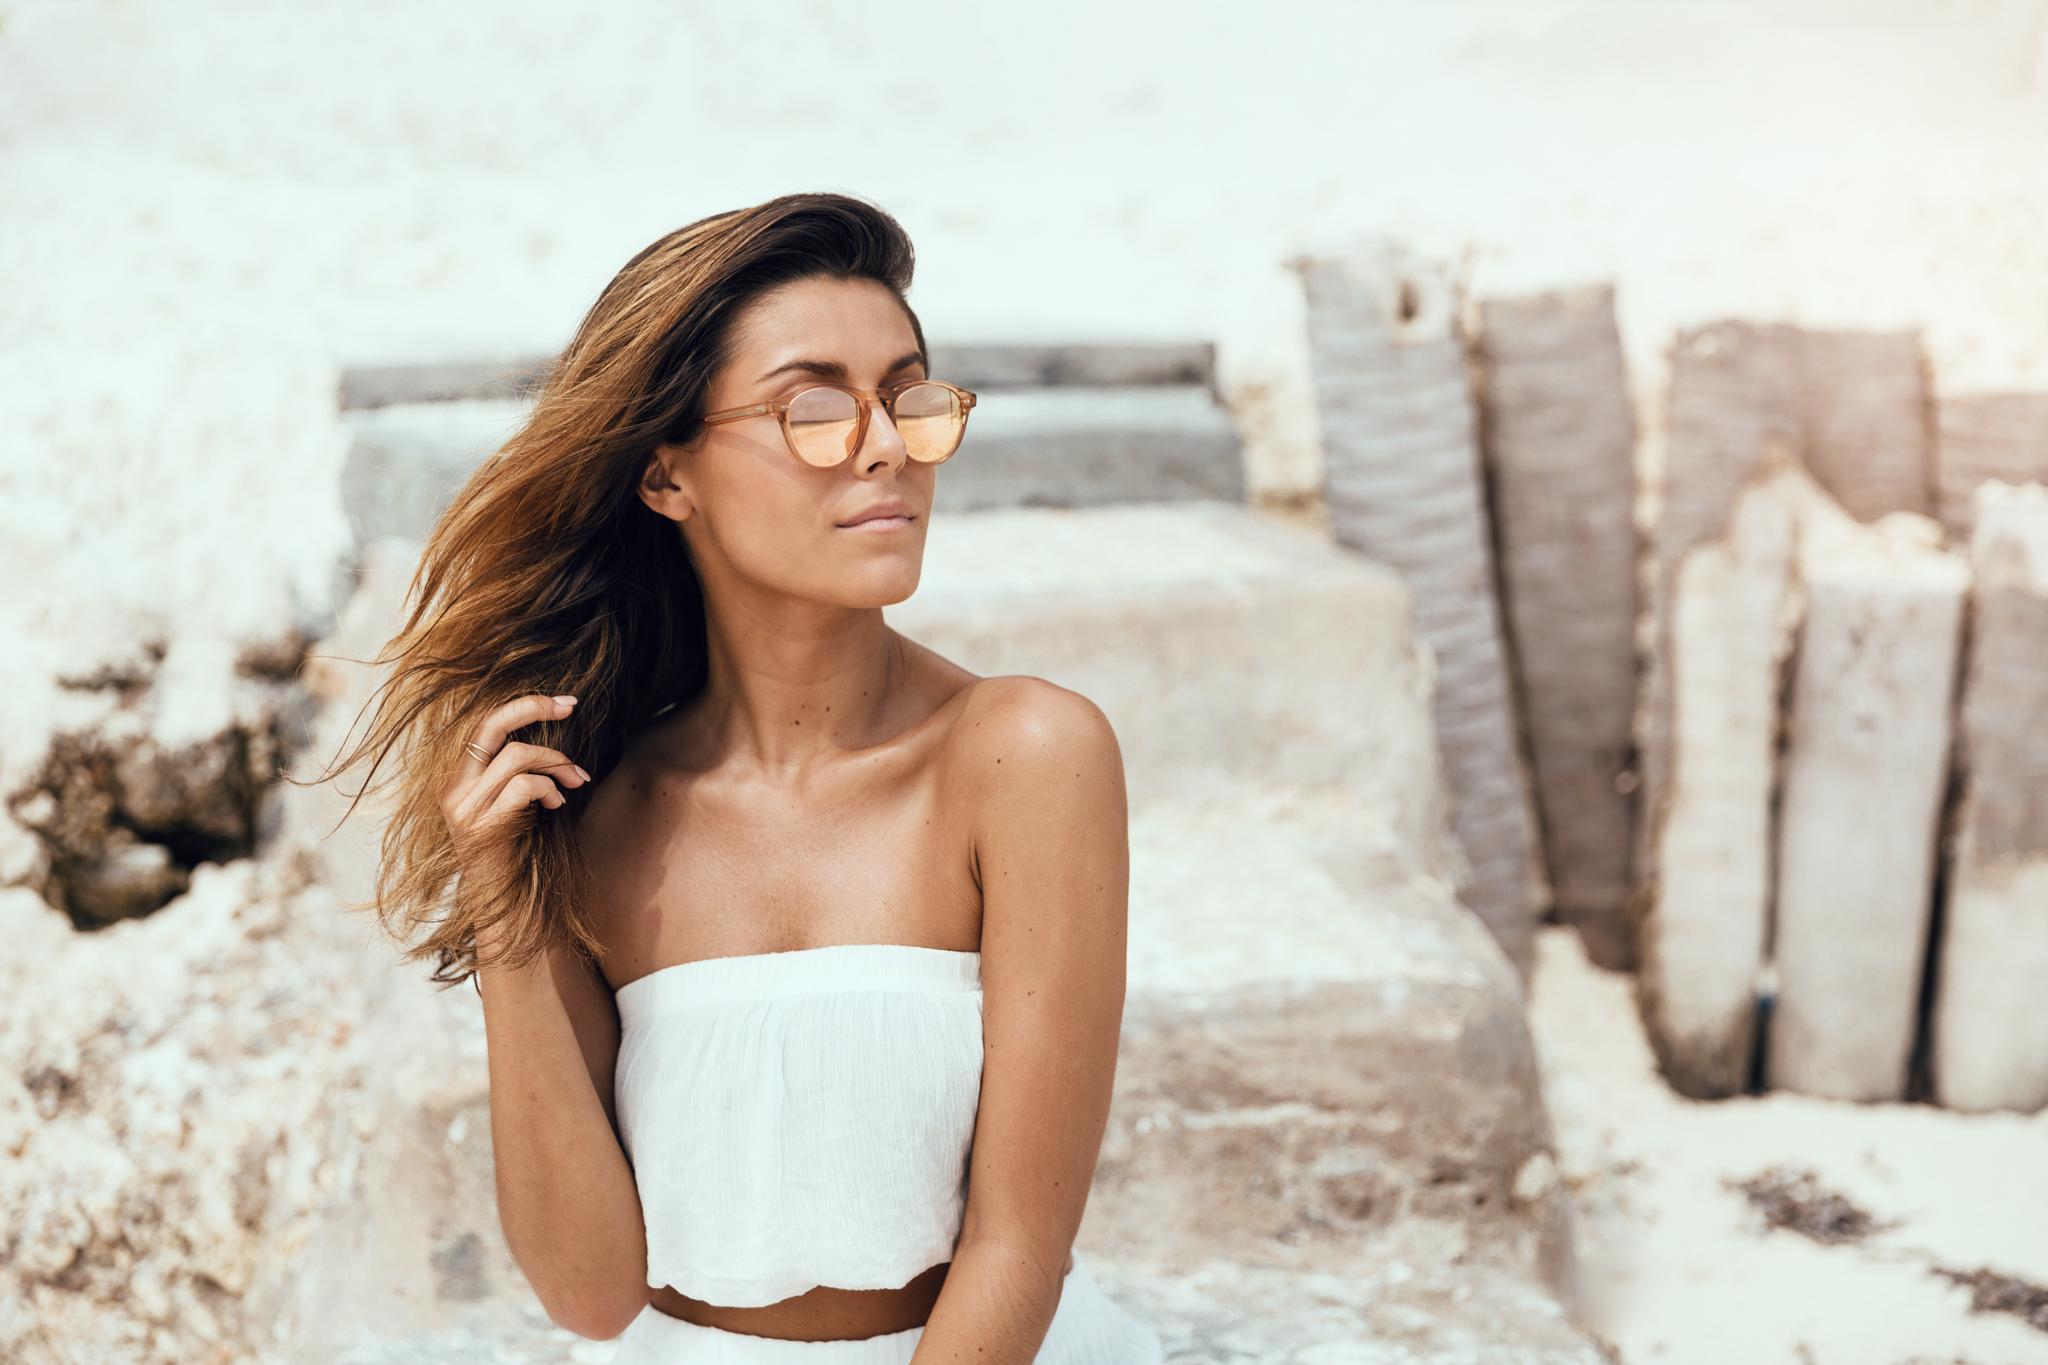 Chimi Eyewear x Bianca Ingrosso by Fabian Wester 7